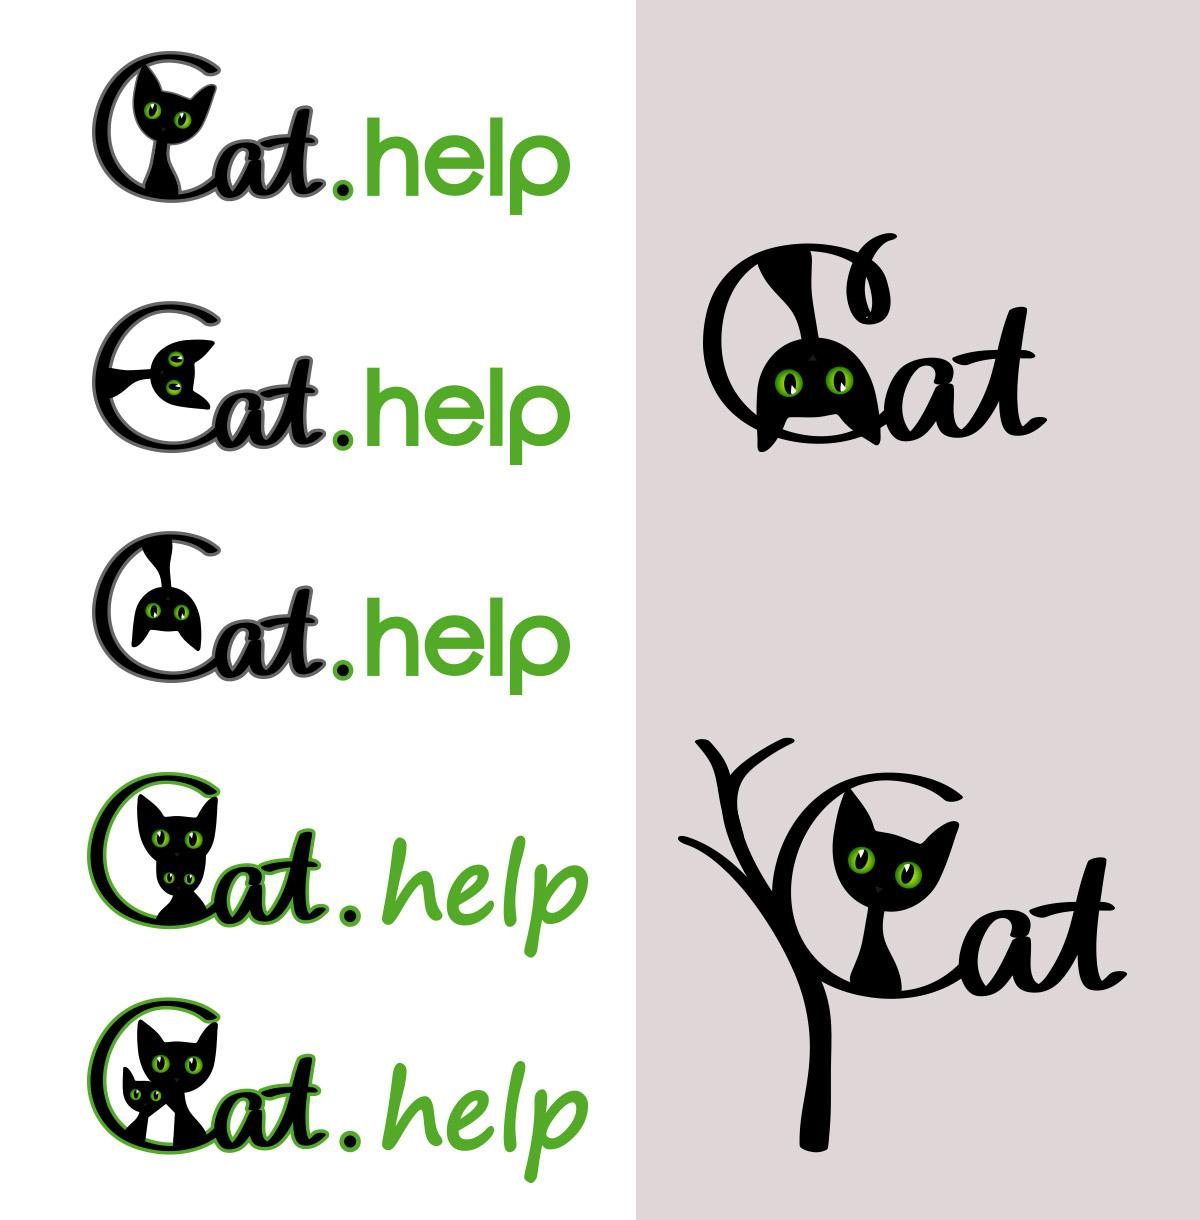 логотип для сайта и группы вк - cat.help фото f_78759e513ad1bb68.jpg